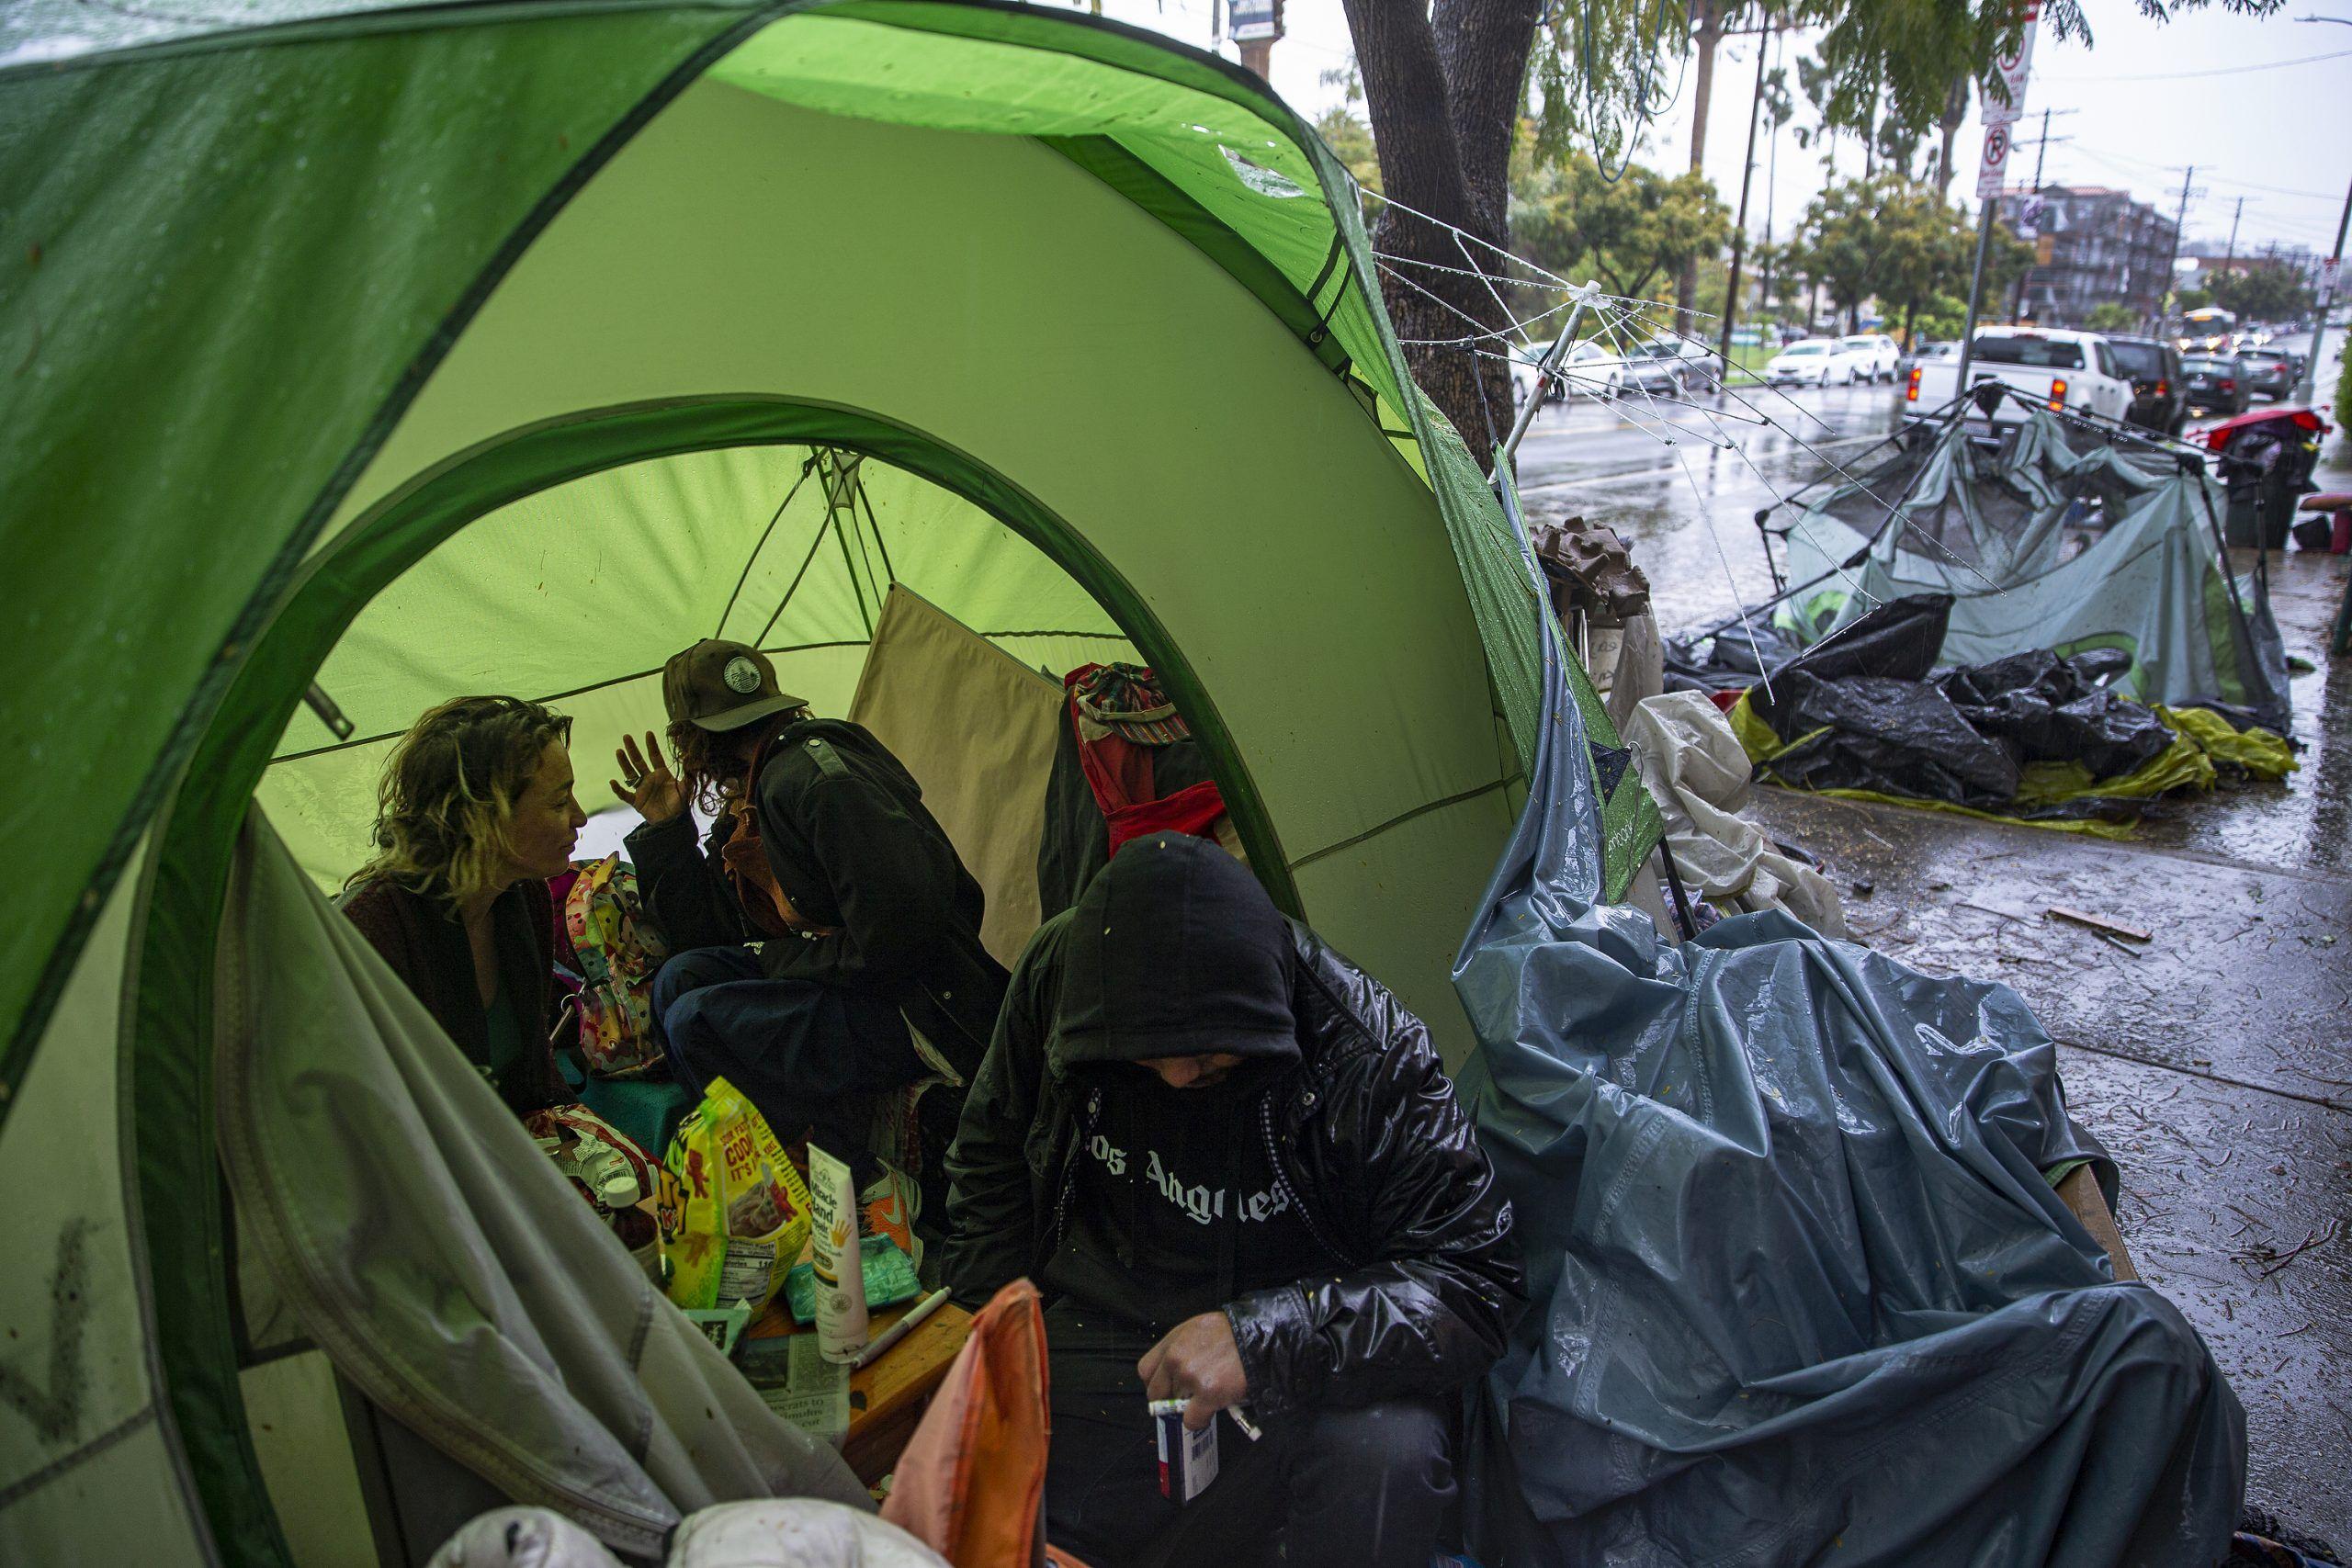 加州街友是防疫破口 州長 將安排入住汽車旅館或露營車 Https Kairos News 182881 Echo Park Lake Homeless California